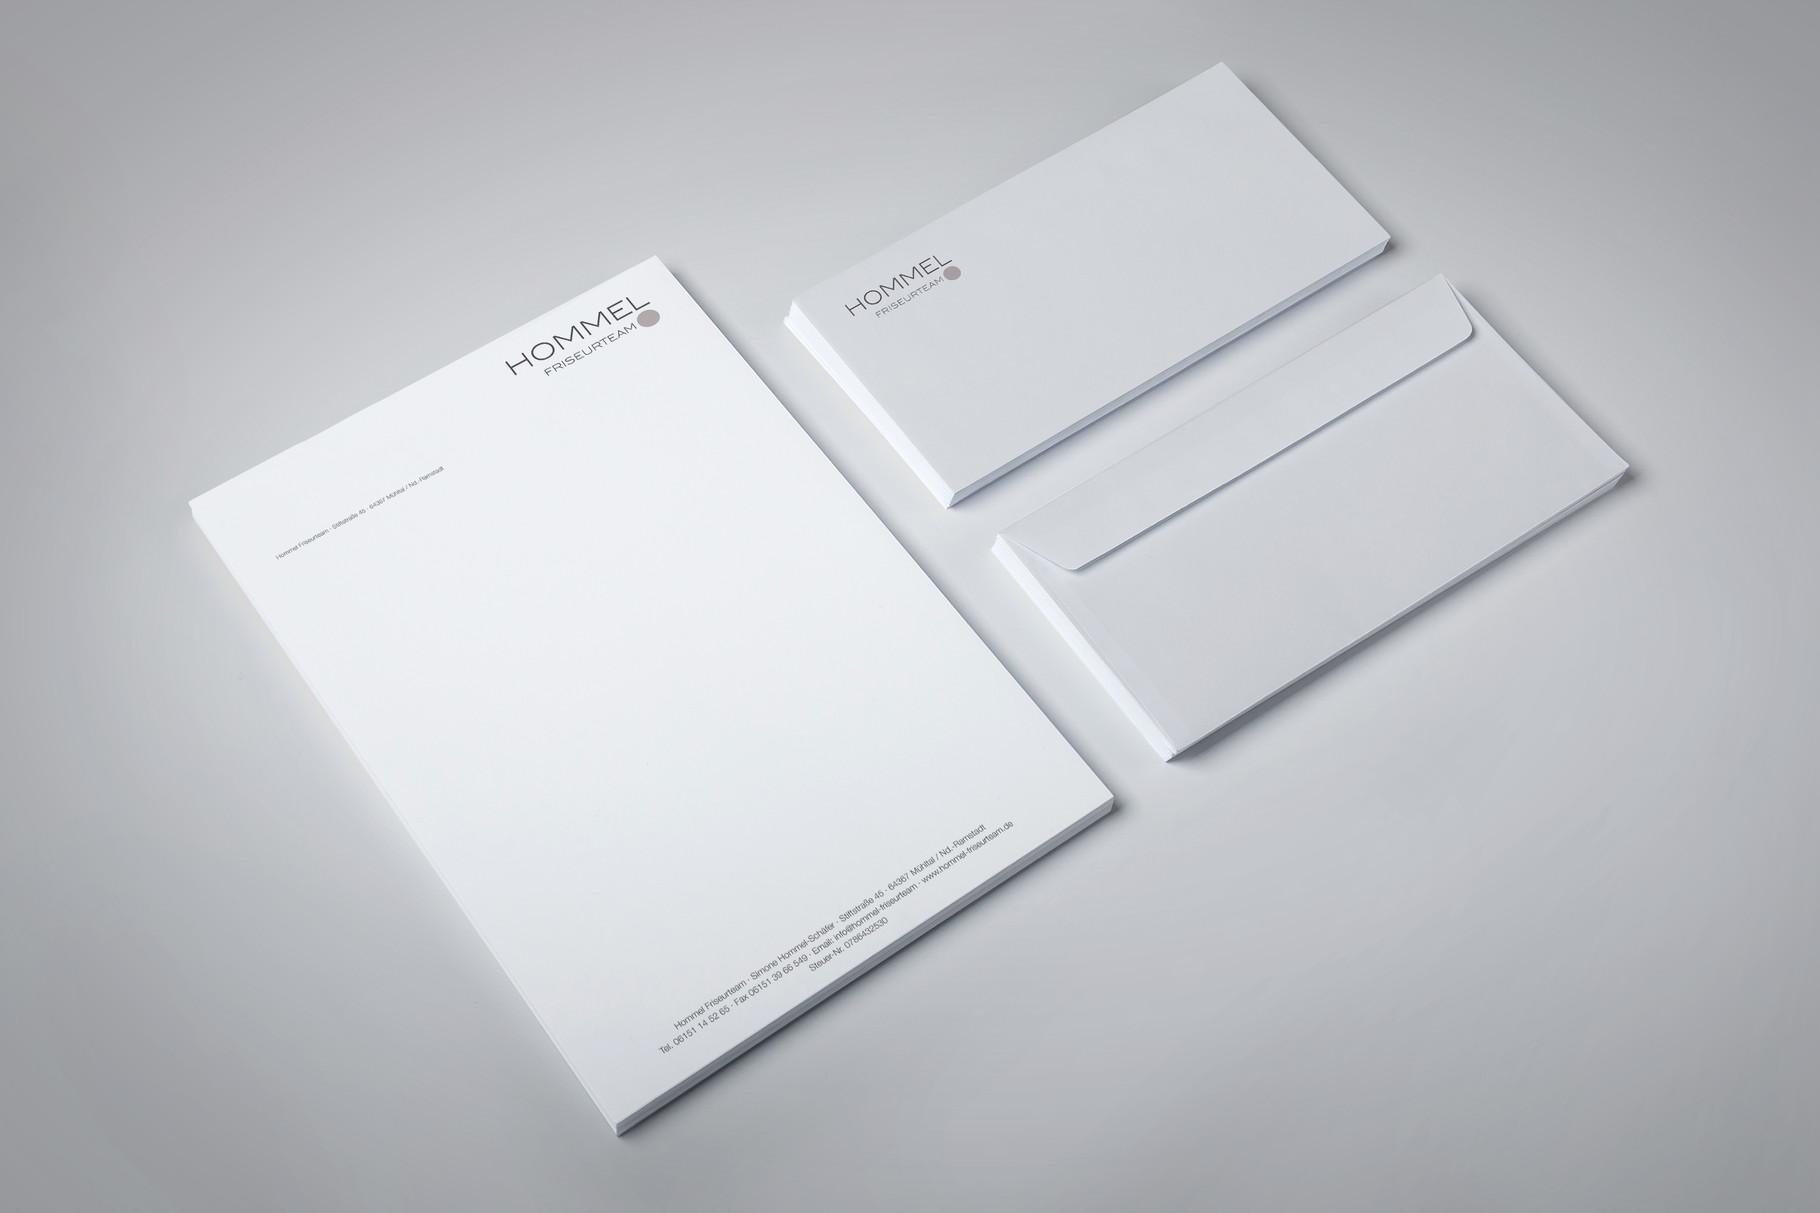 Corporate Design, Logoentwicklung, Logo, Grafikdesign, Grafik, Gestaltung, Hommel Briefpapier